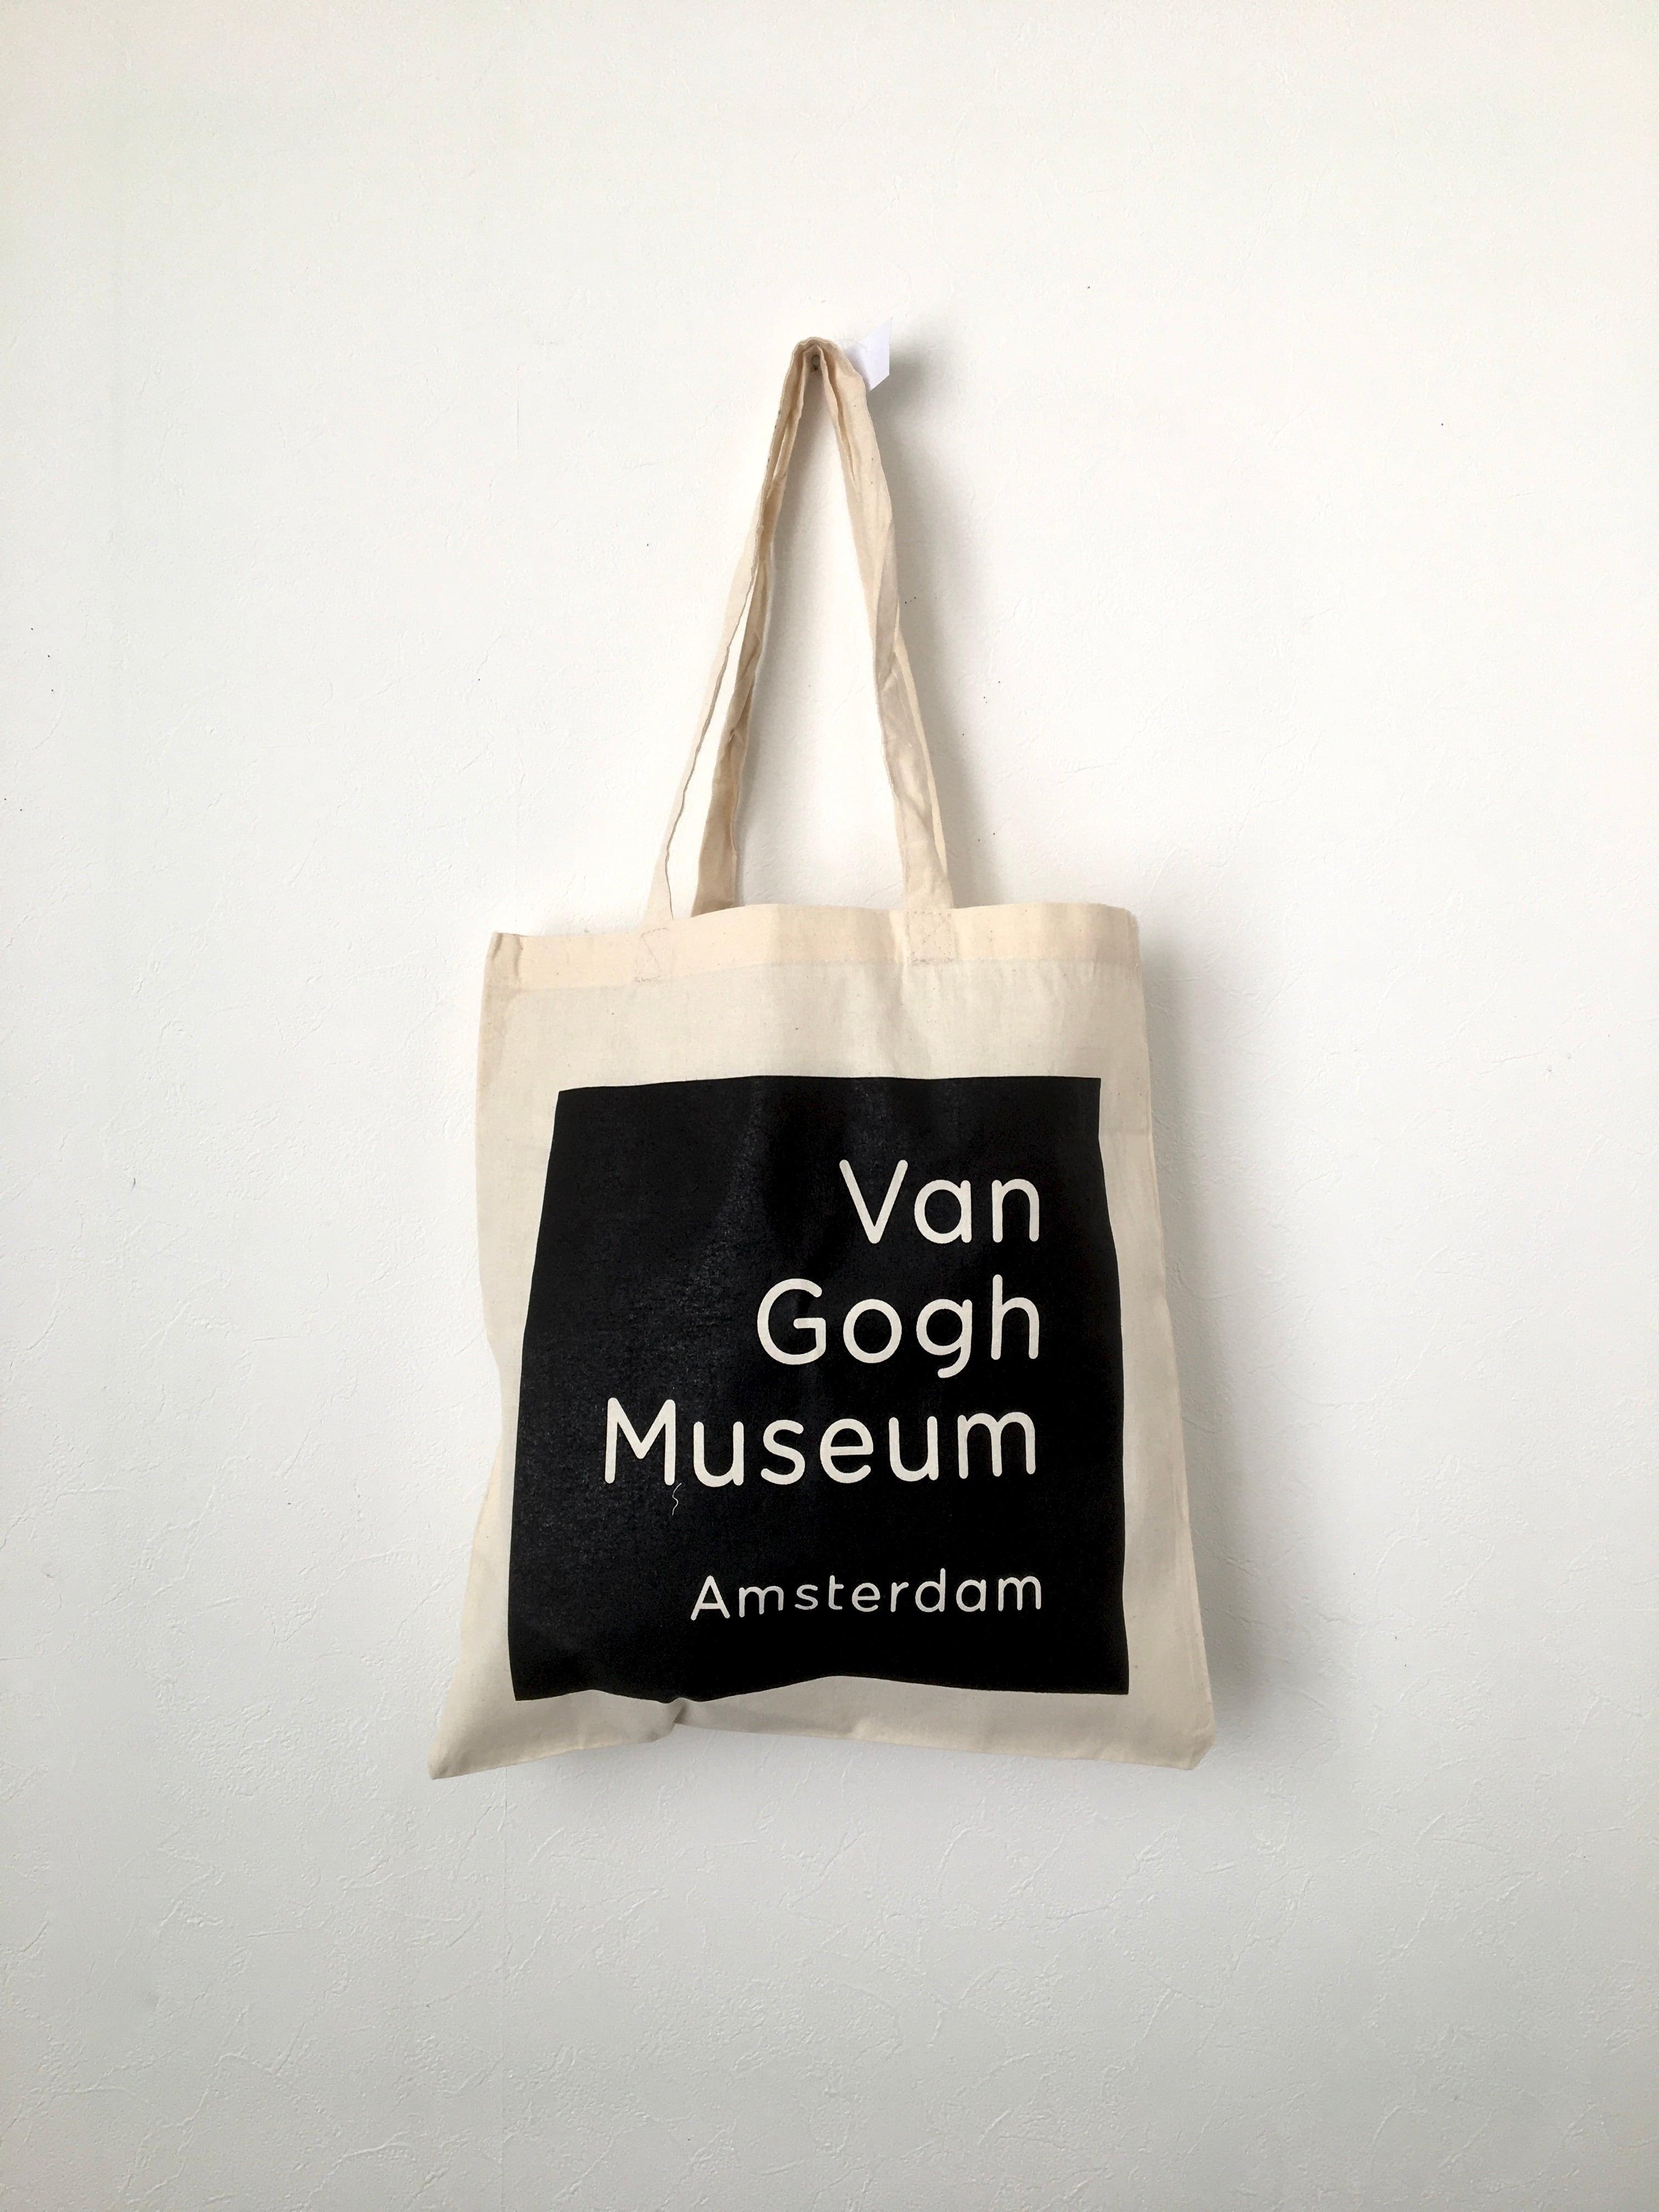 【訳ありセール】ゴッホミュージアムのトートバッグ③|【Substandard】Tote Bag of Van Gogh Museum